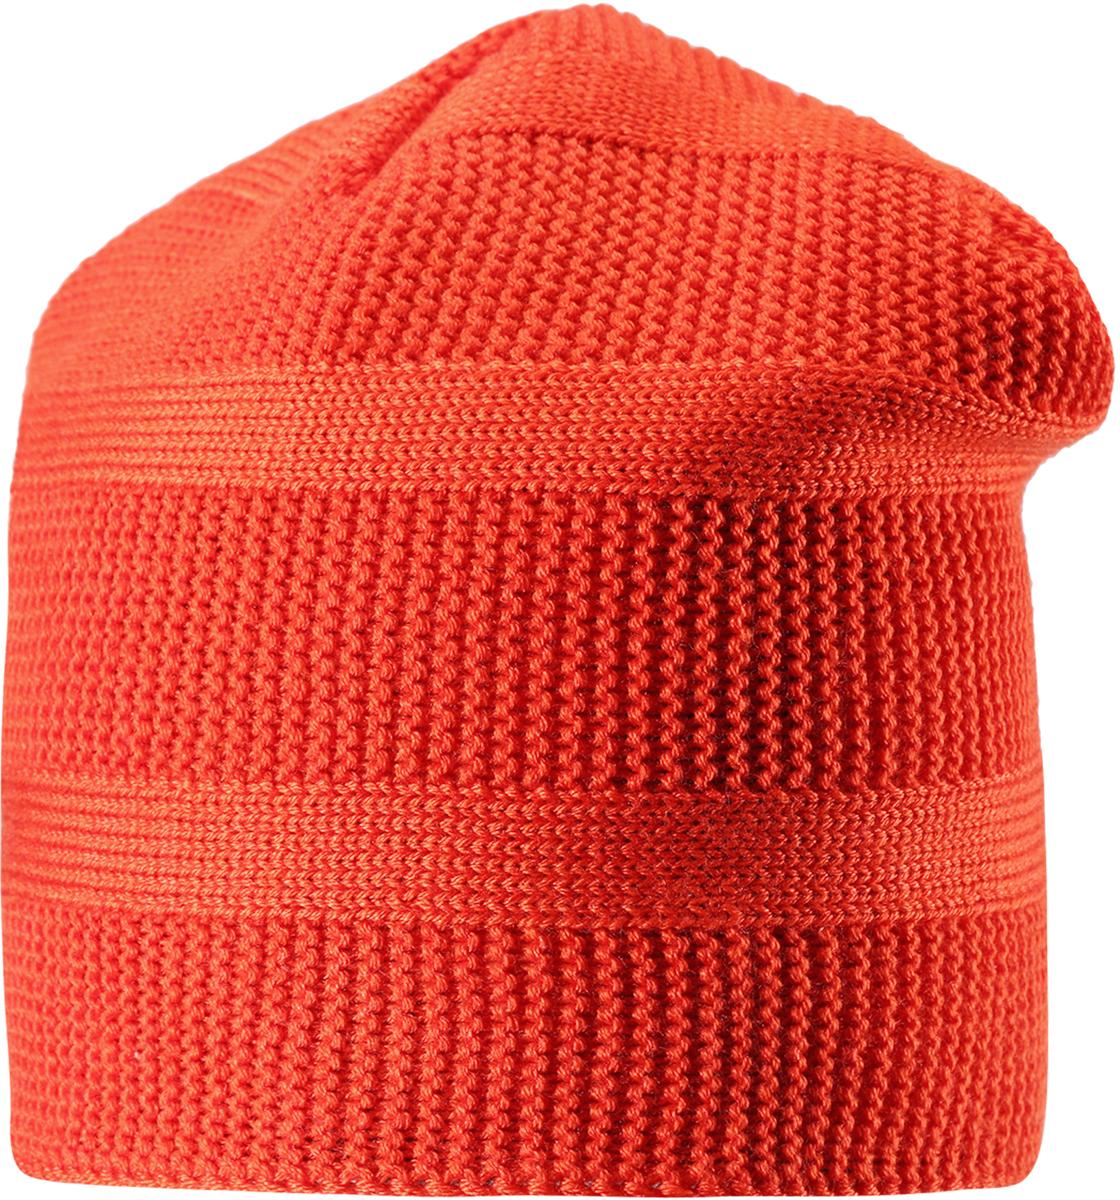 Шапка-бини детская Reima Pettu, цвет: оранжевый. 5285643710. Размер 505285643710Детская шапка из теплого полушерстяного трикотажа. Шерсть – превосходный терморегулятор. Ветронепроницаемые вставки и подкладка из мягкого и дышащего флиса. Оригинальный структурный узор дополняет образ.